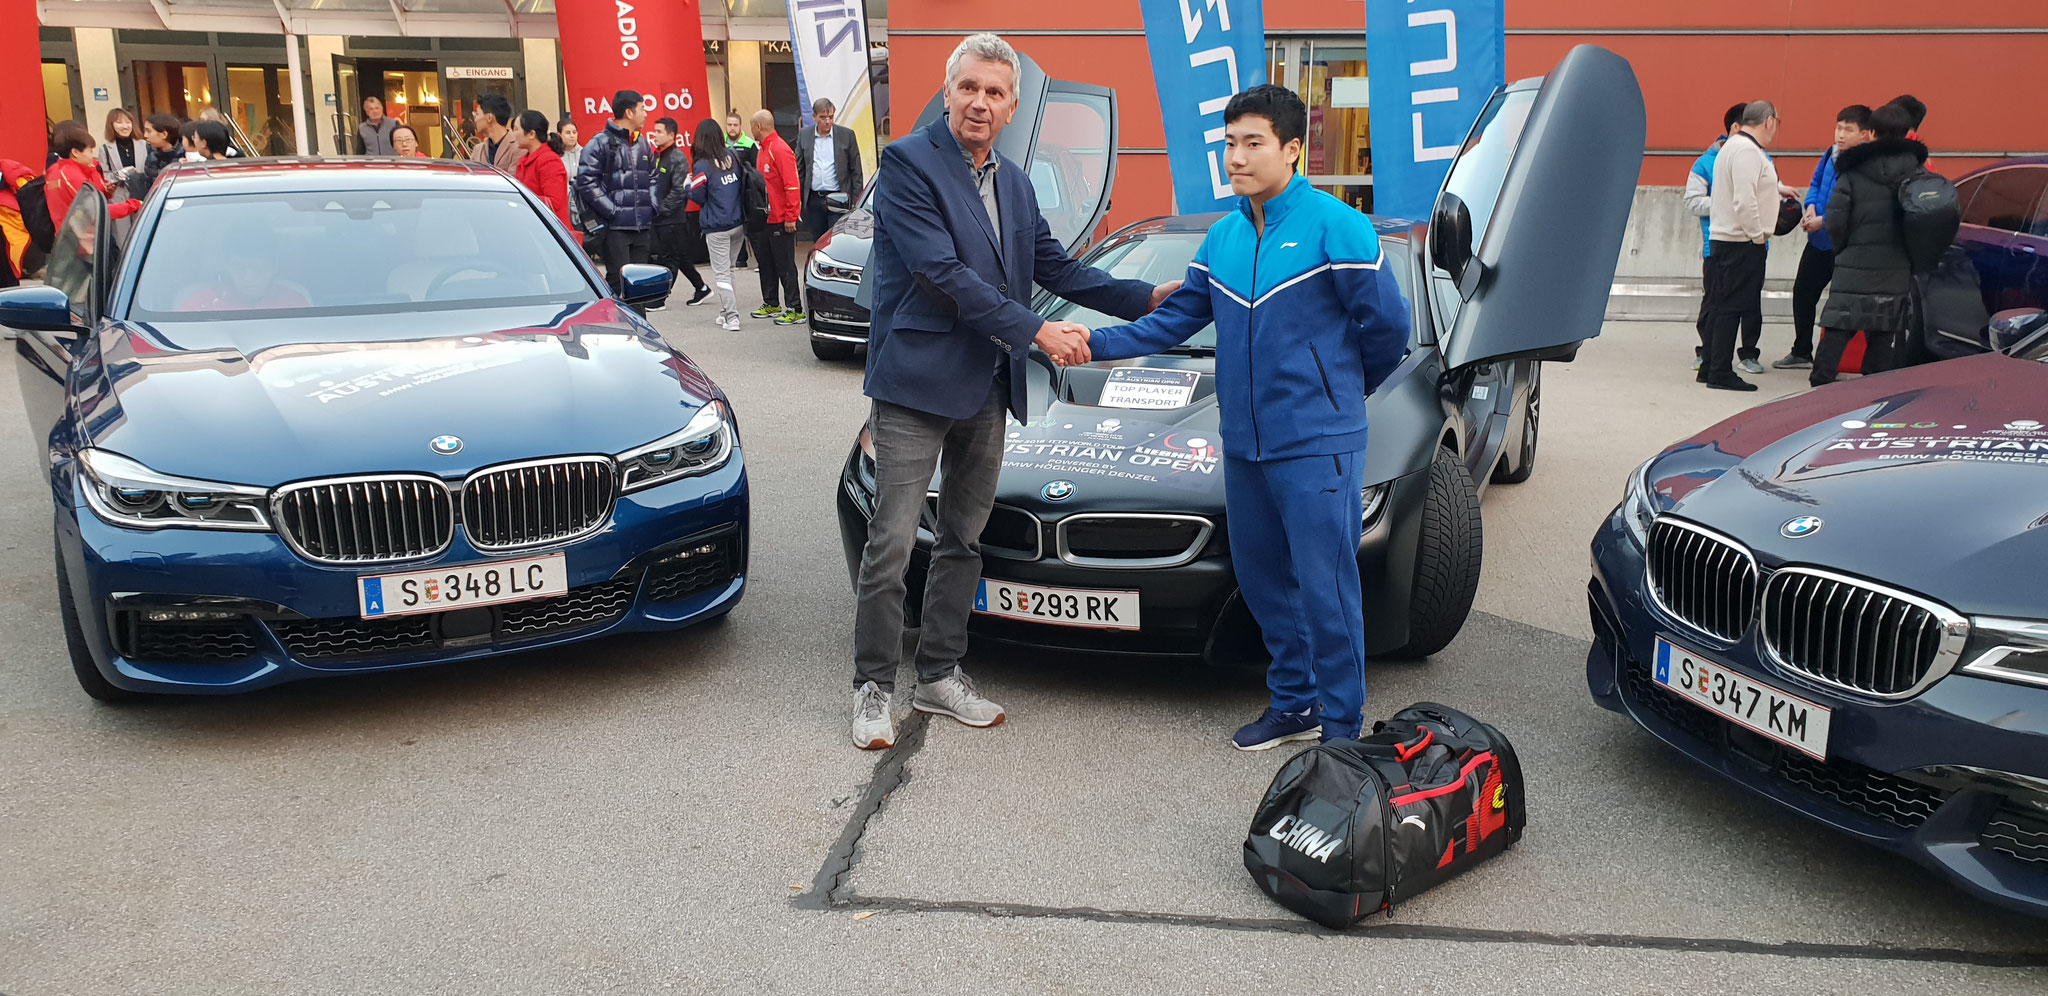 Foto Froschberg - Michael Schmidt von BMW Denzel Höglinger gratuliert Sensationsmann Liang Jingkun zum Sieg bei den LIEBHERR AUSTRIAN OPEN 2018